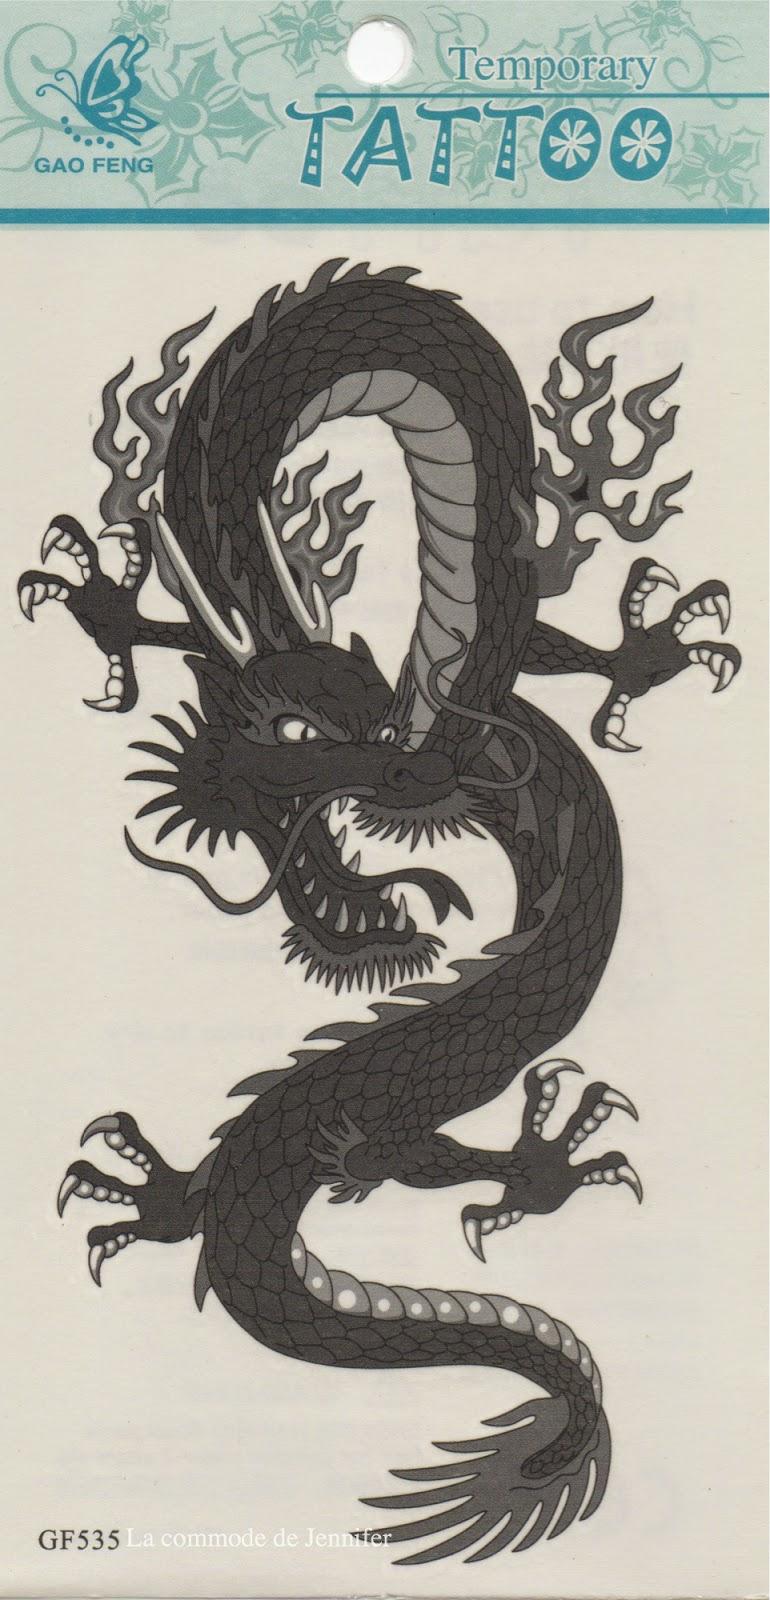 tatouage temporaire lettre - Pochoirs pour Tatouages Temporaires Uniktattoo